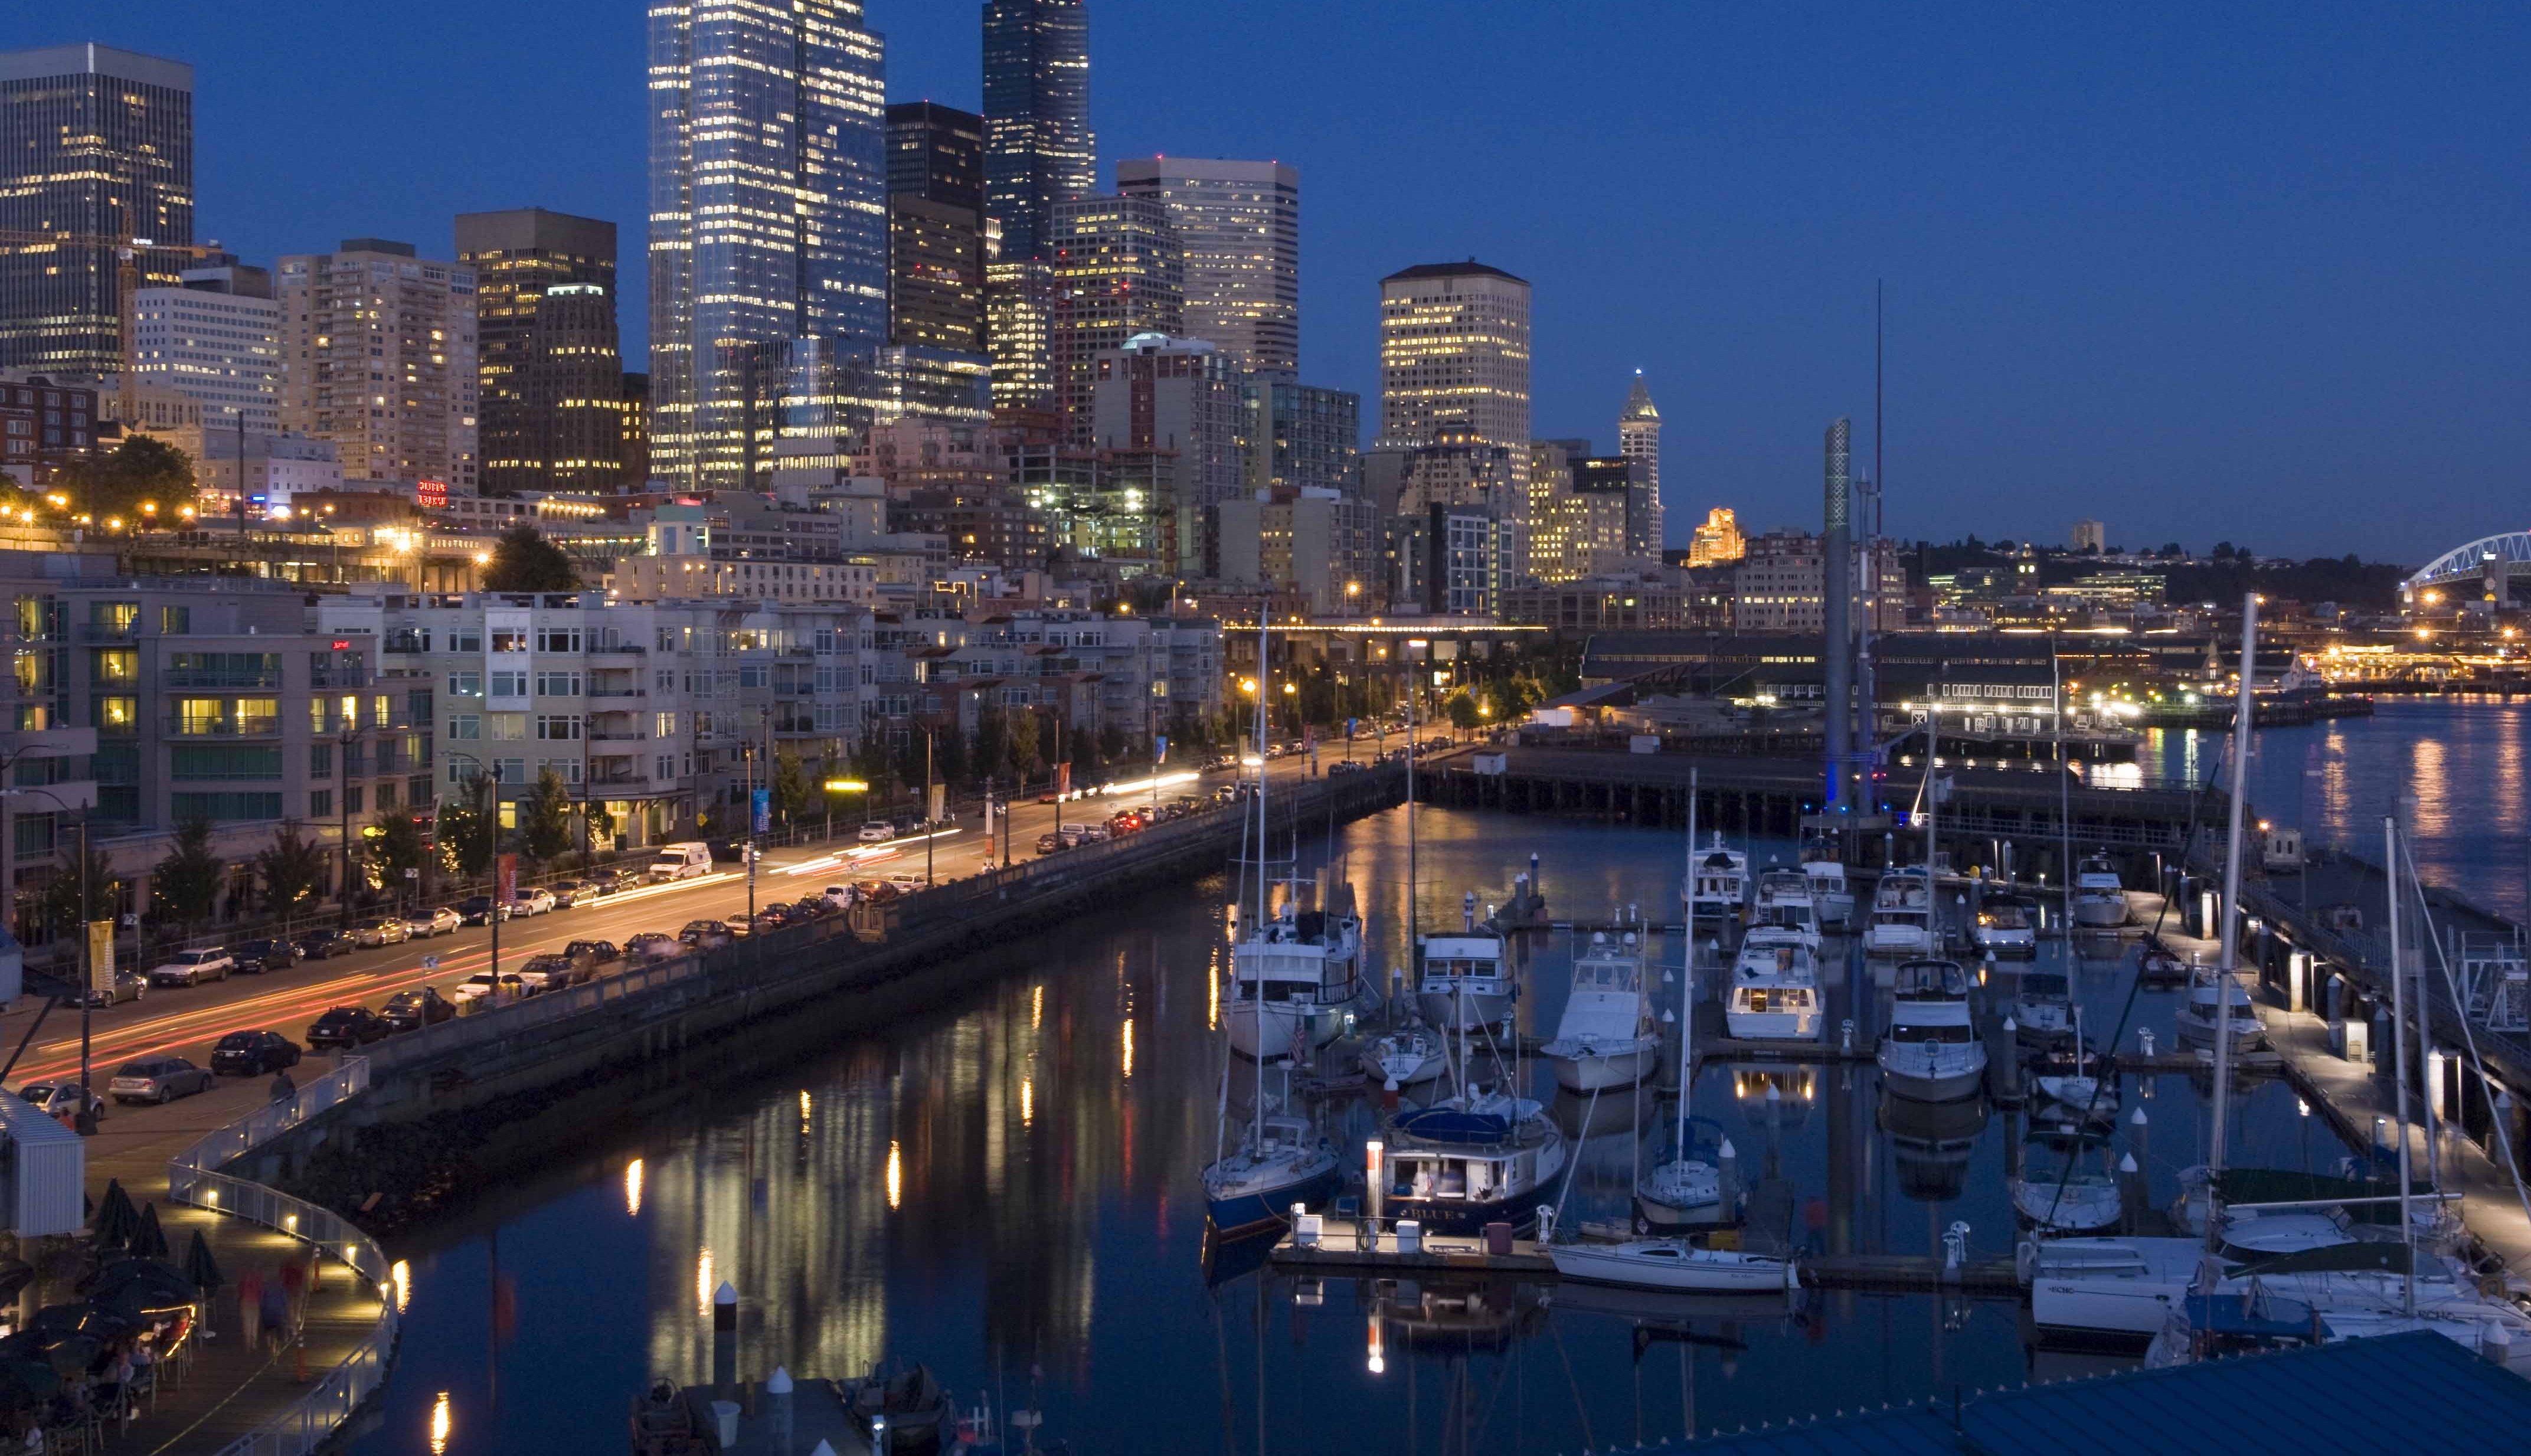 Seattle viajes de cine - Cines puerto deportivo getxo ...